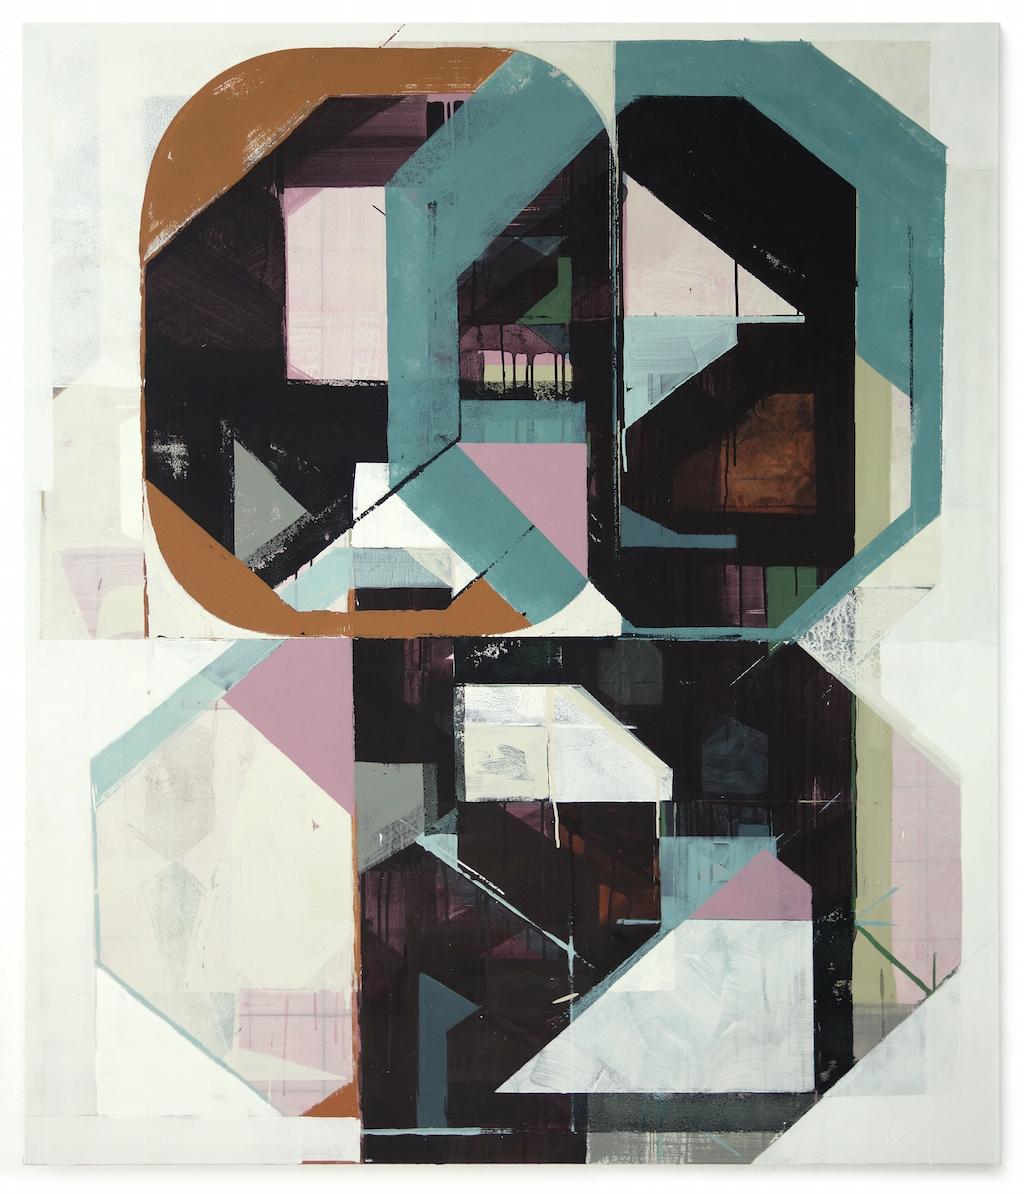 jeroen-erosie-genius-loci-at-mini-galerie-recap-18